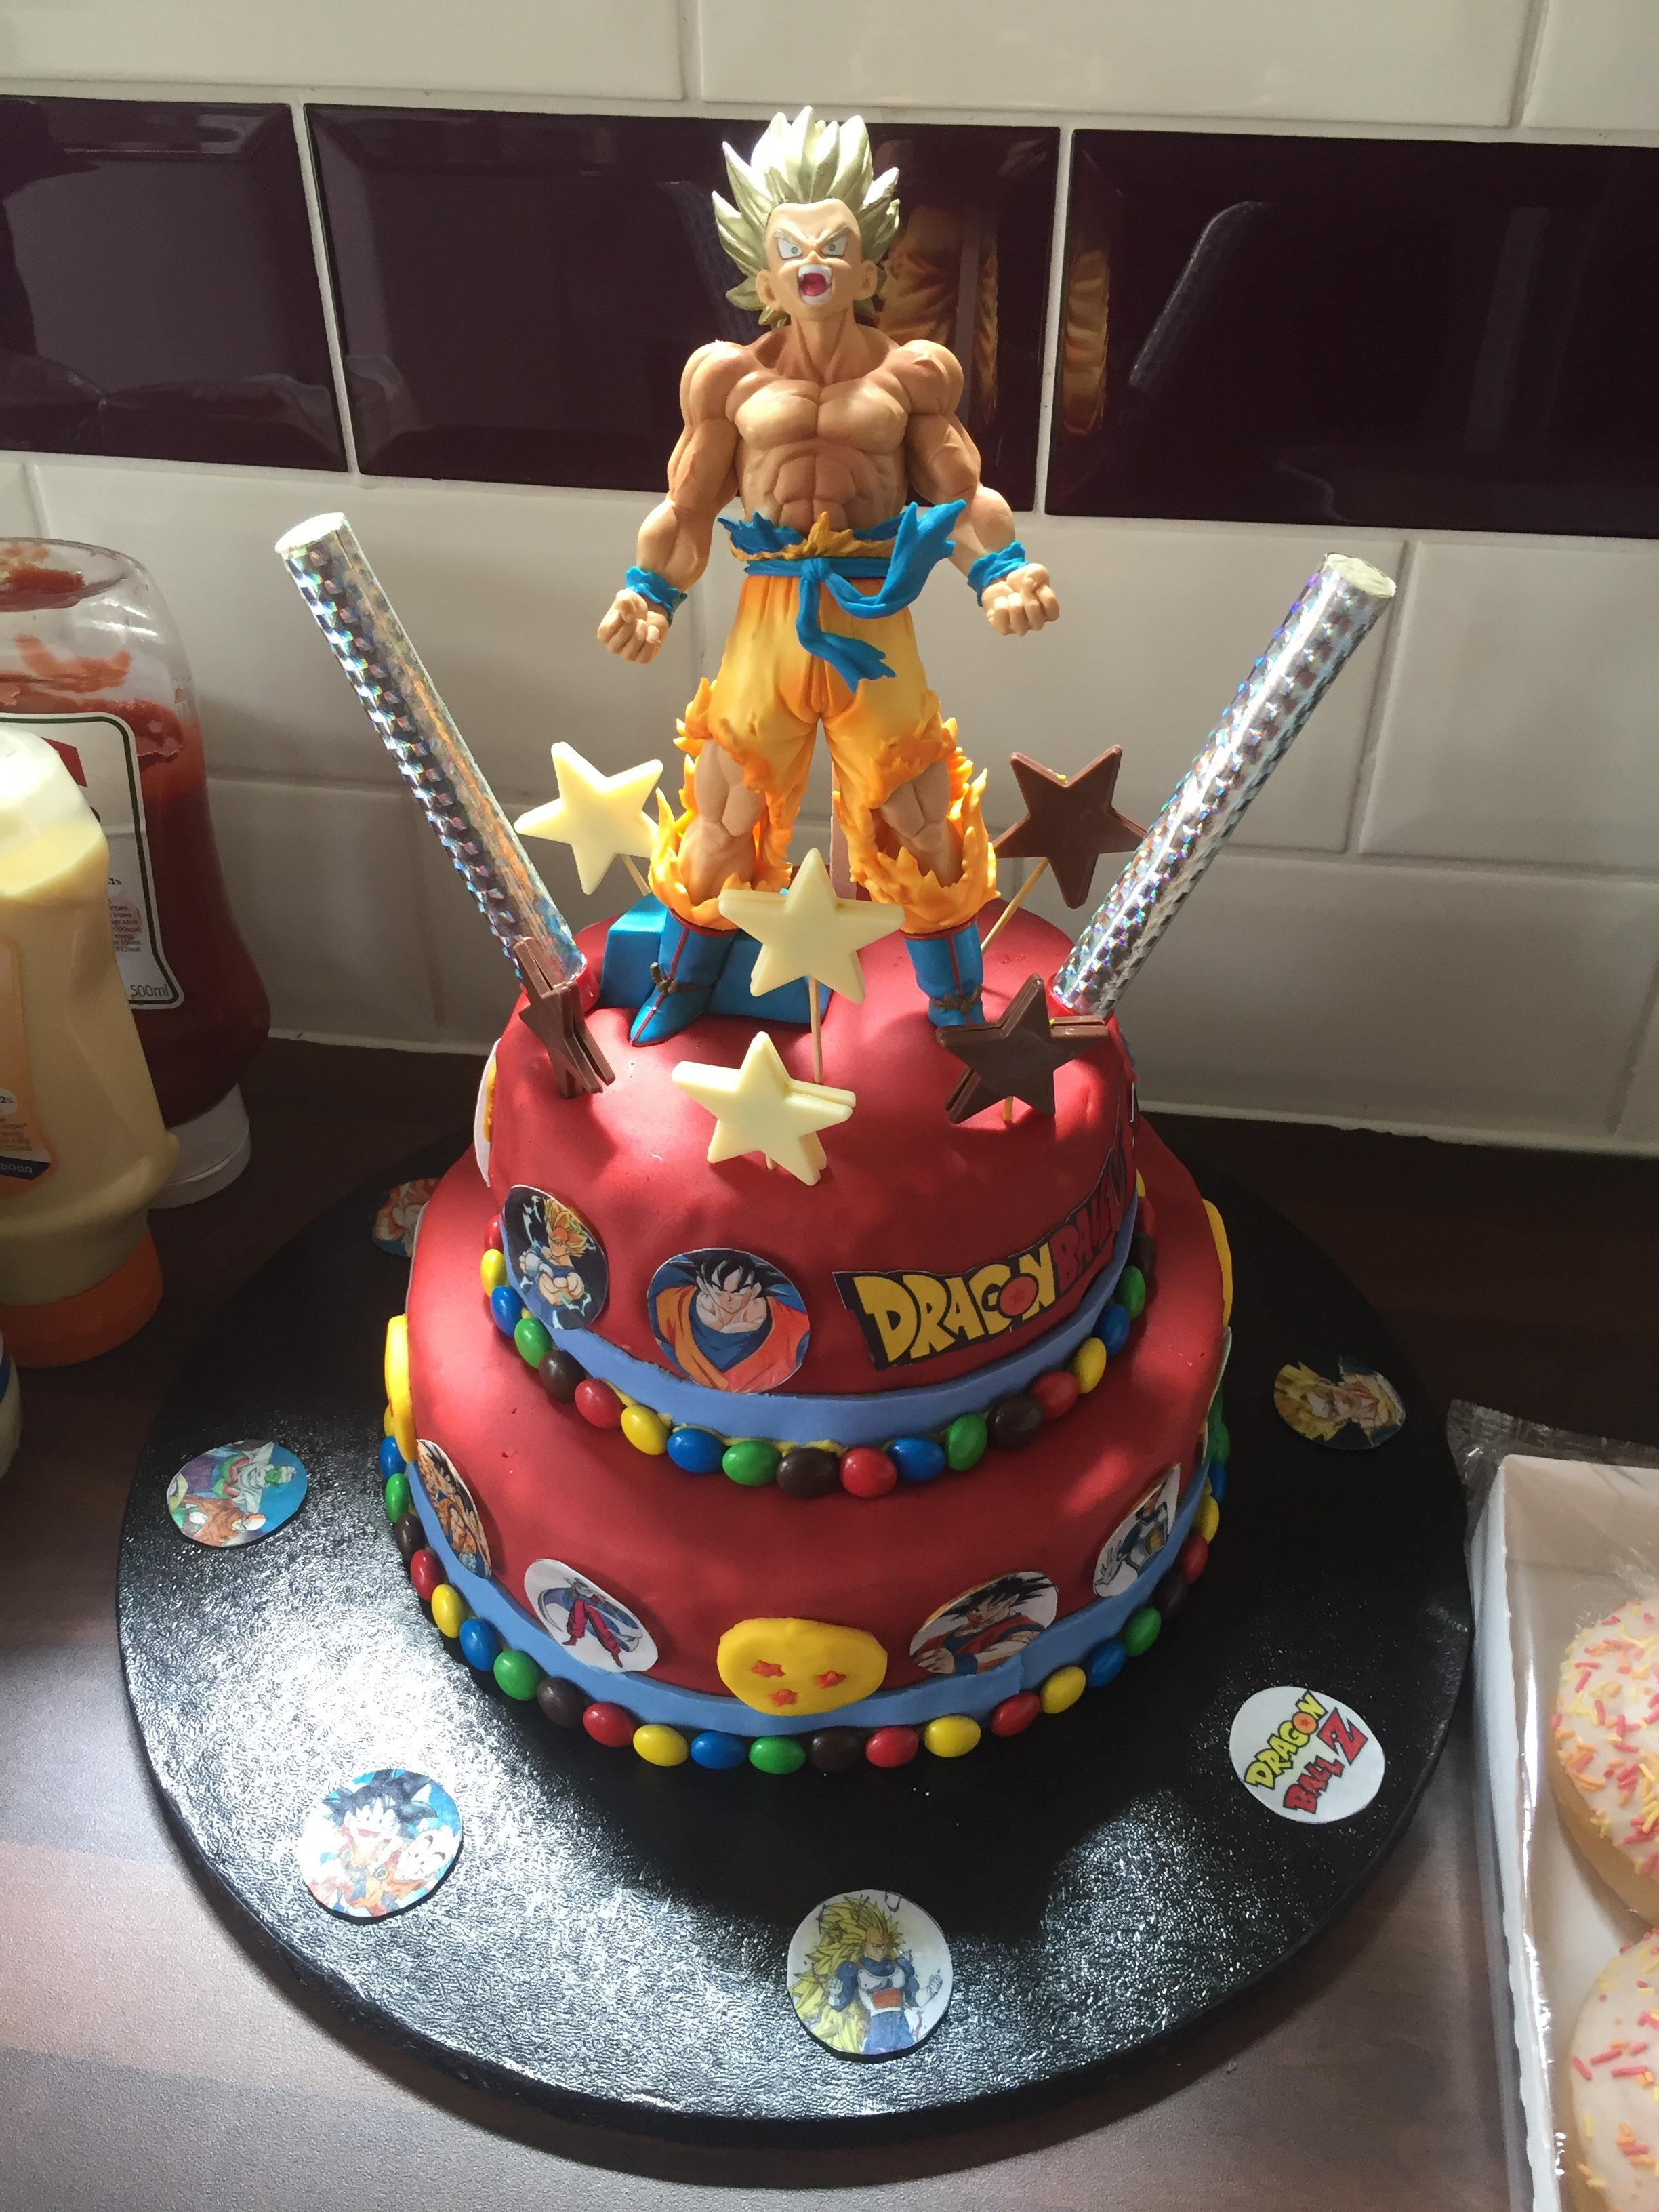 Happy Birthday Dbz : happy, birthday, Brothers, Birthday, Cake!, Happy, Denny!